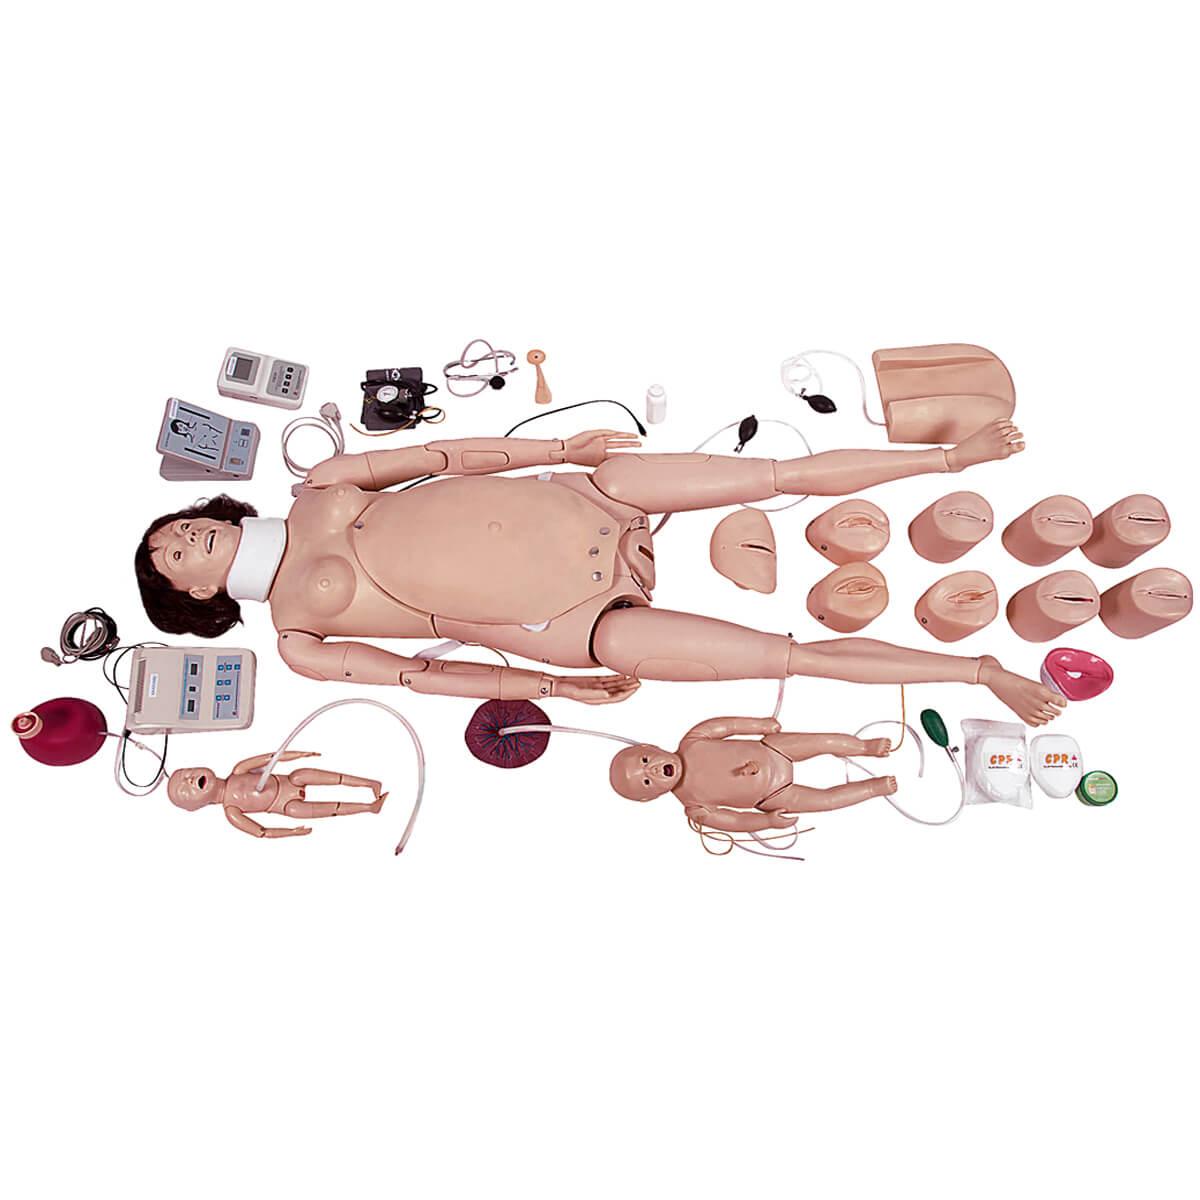 Simulador Avançado de Parturiente / Neonatal com Rcp E Suporte de Emergência